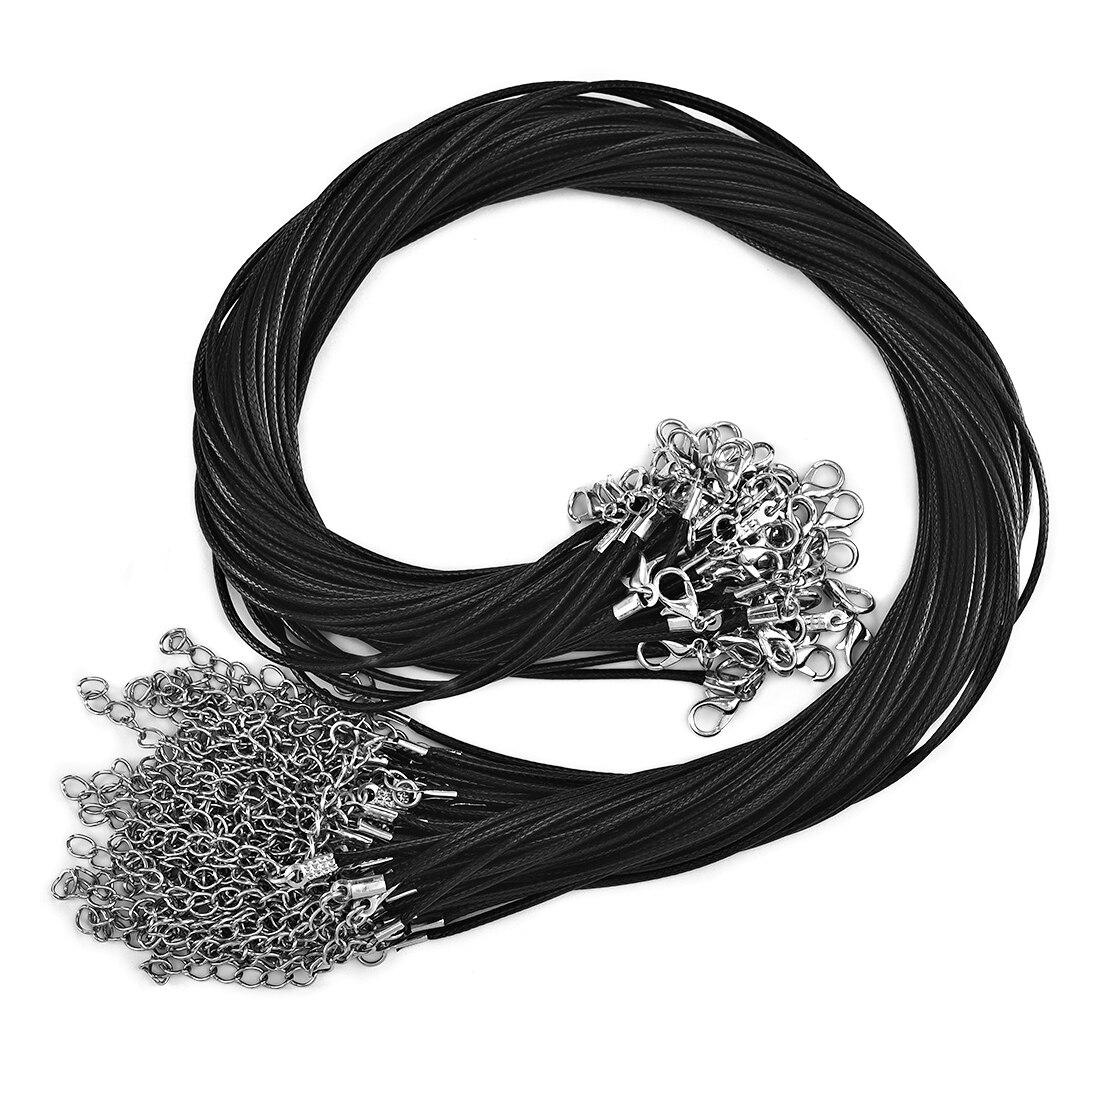 50 adet 45mm örgülü ayarlanabilir siyah deri halat balmumu kordon DIY el yapımı kolye kolye ıstakoz kanca dize kordon takı zincirleri